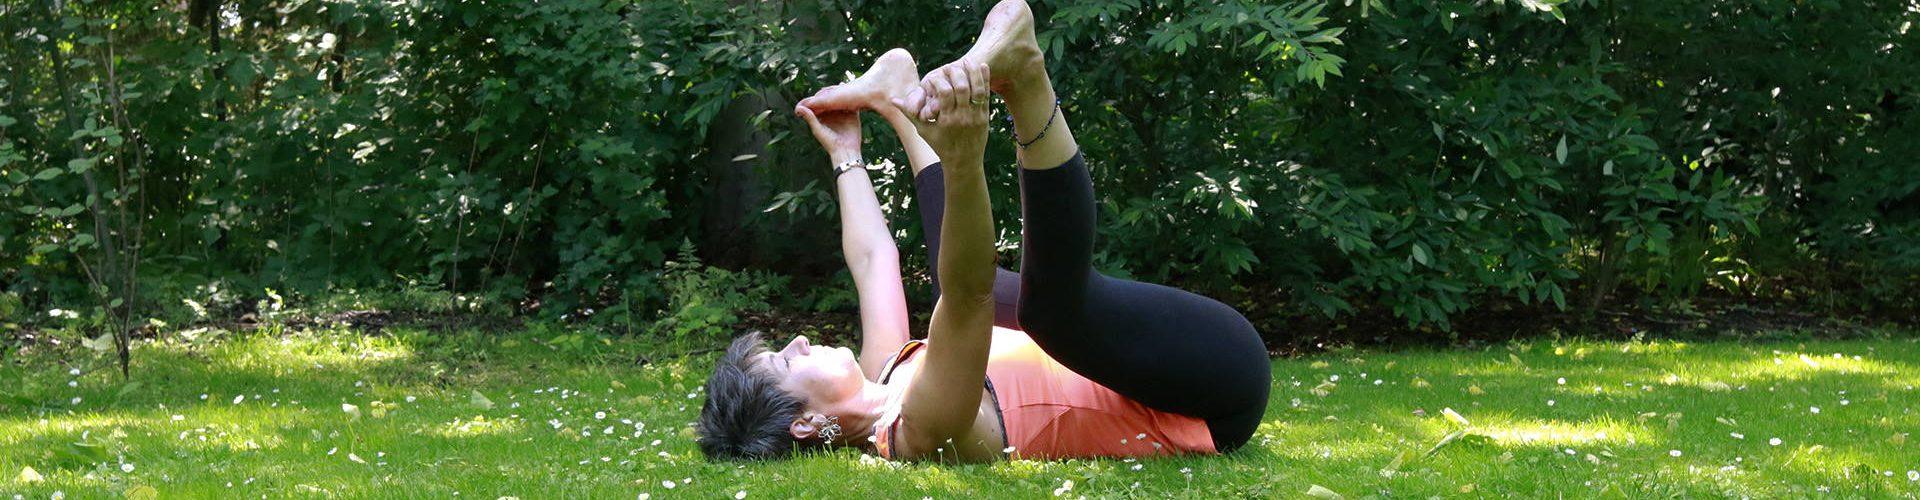 Zen4life Yoga